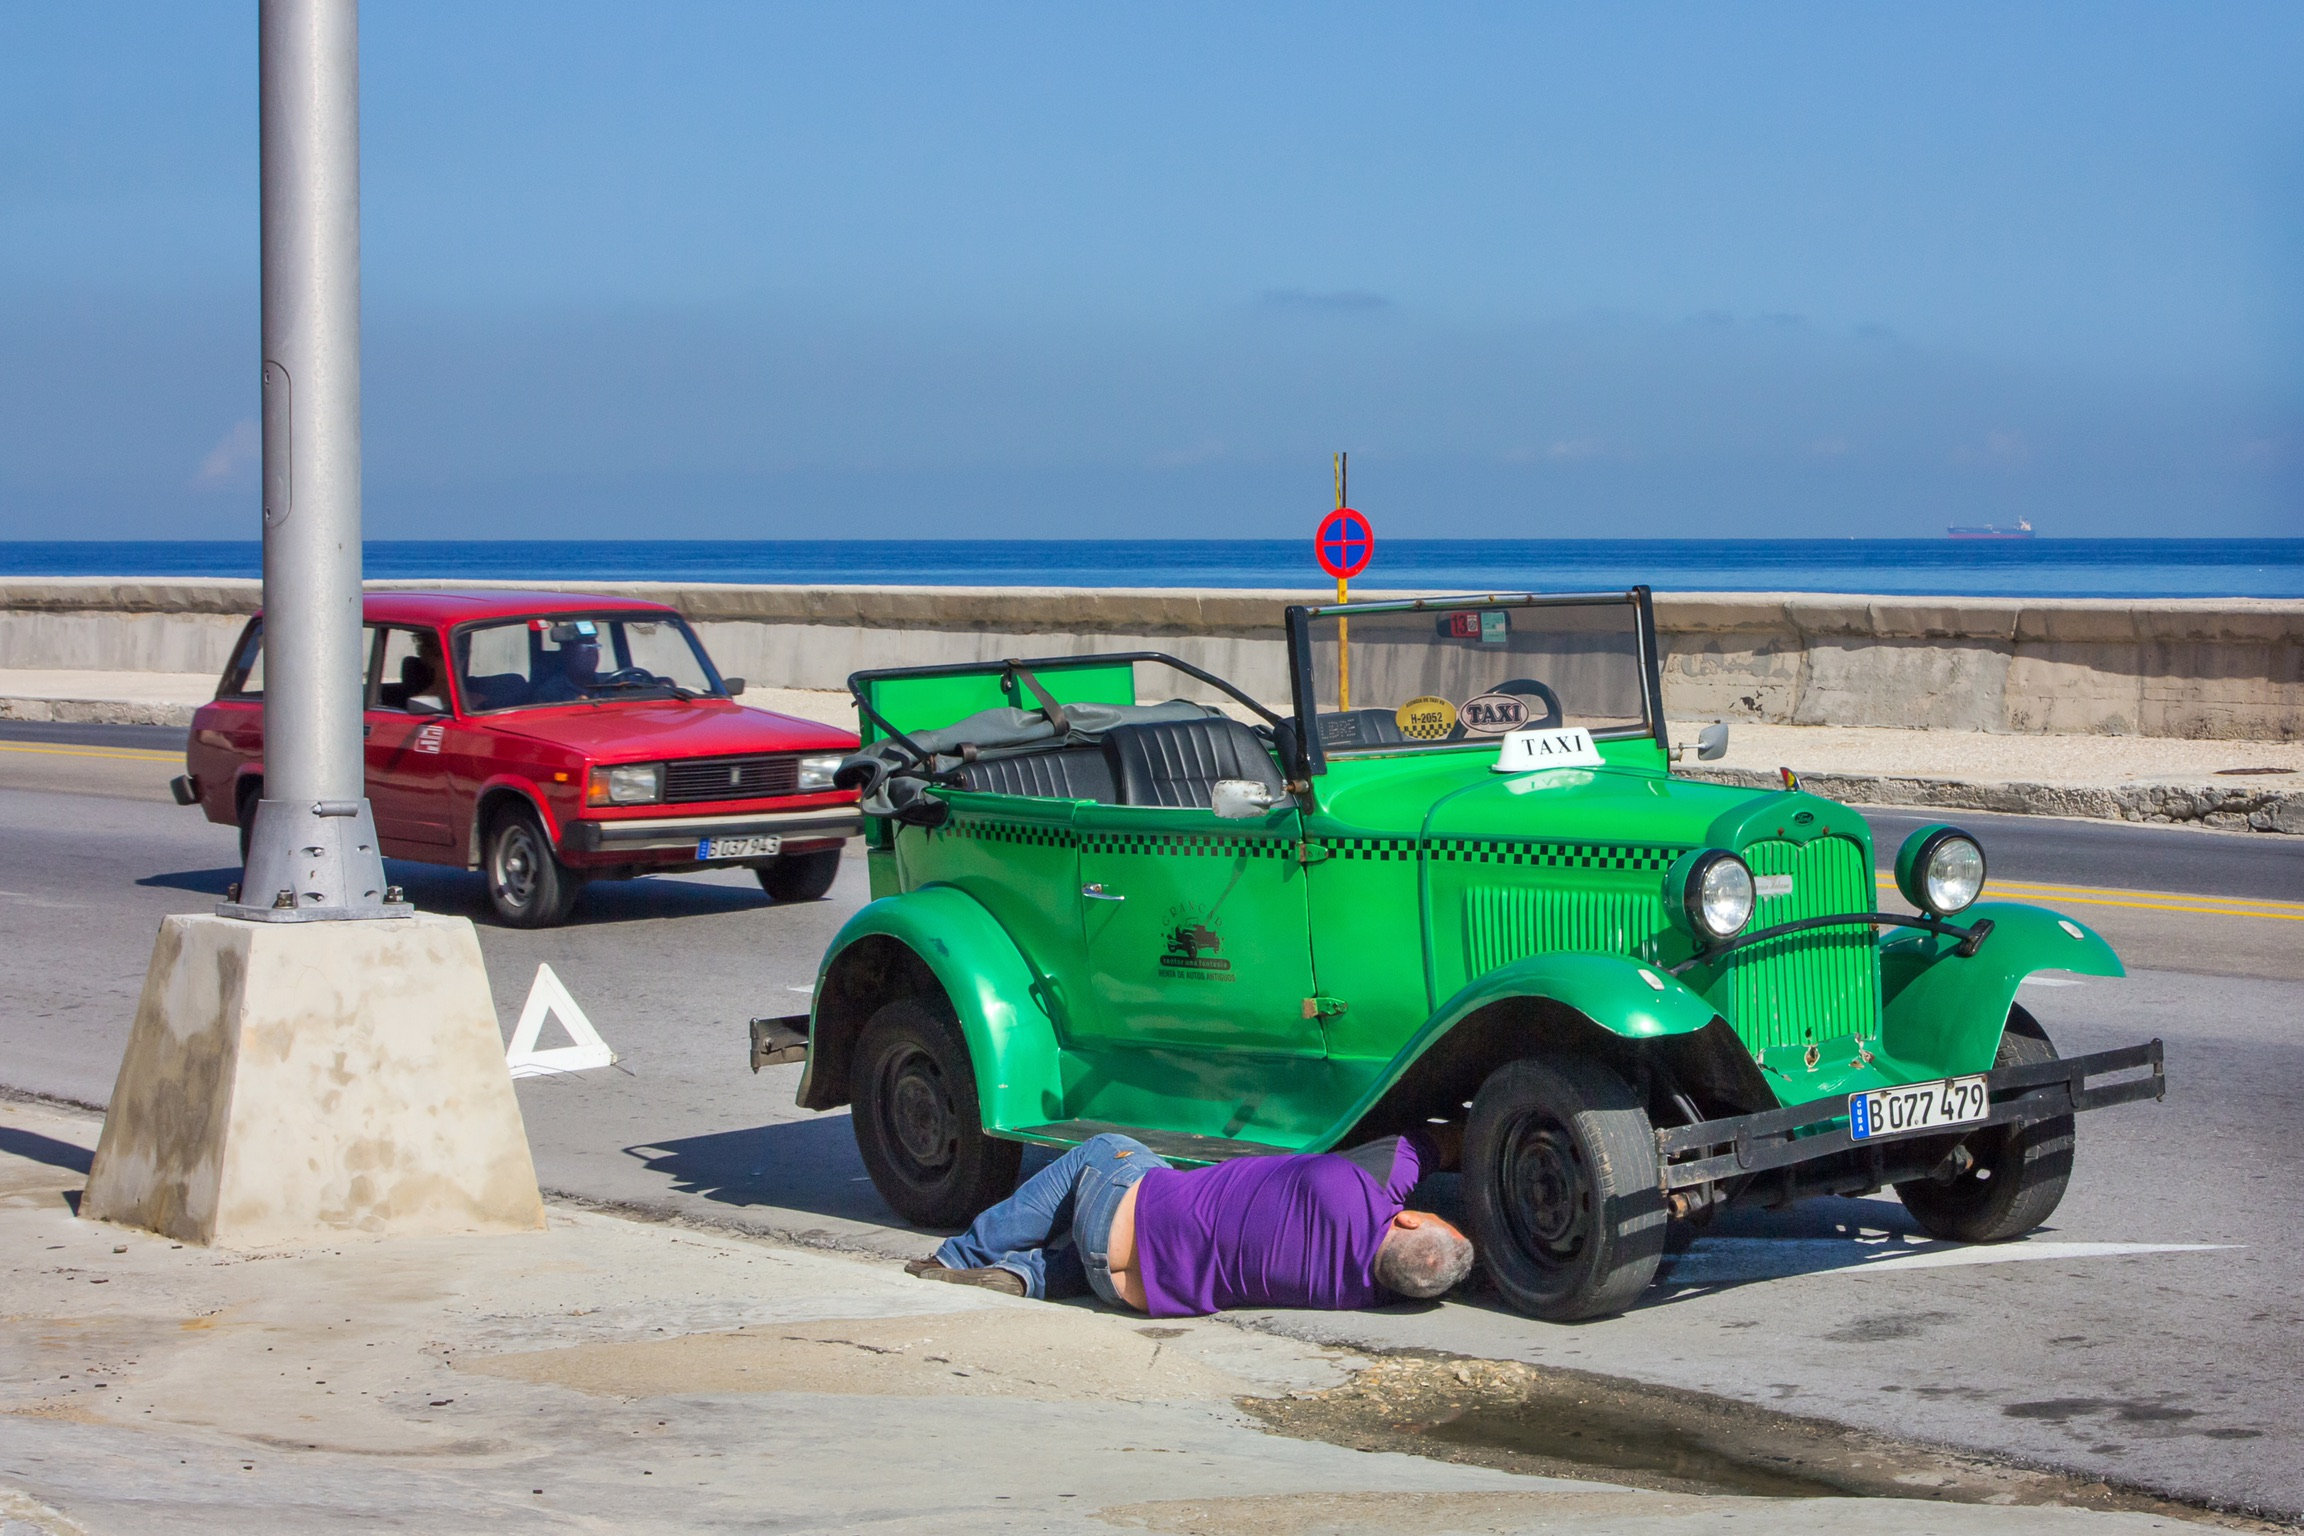 Motorschaden. Havanna 2015